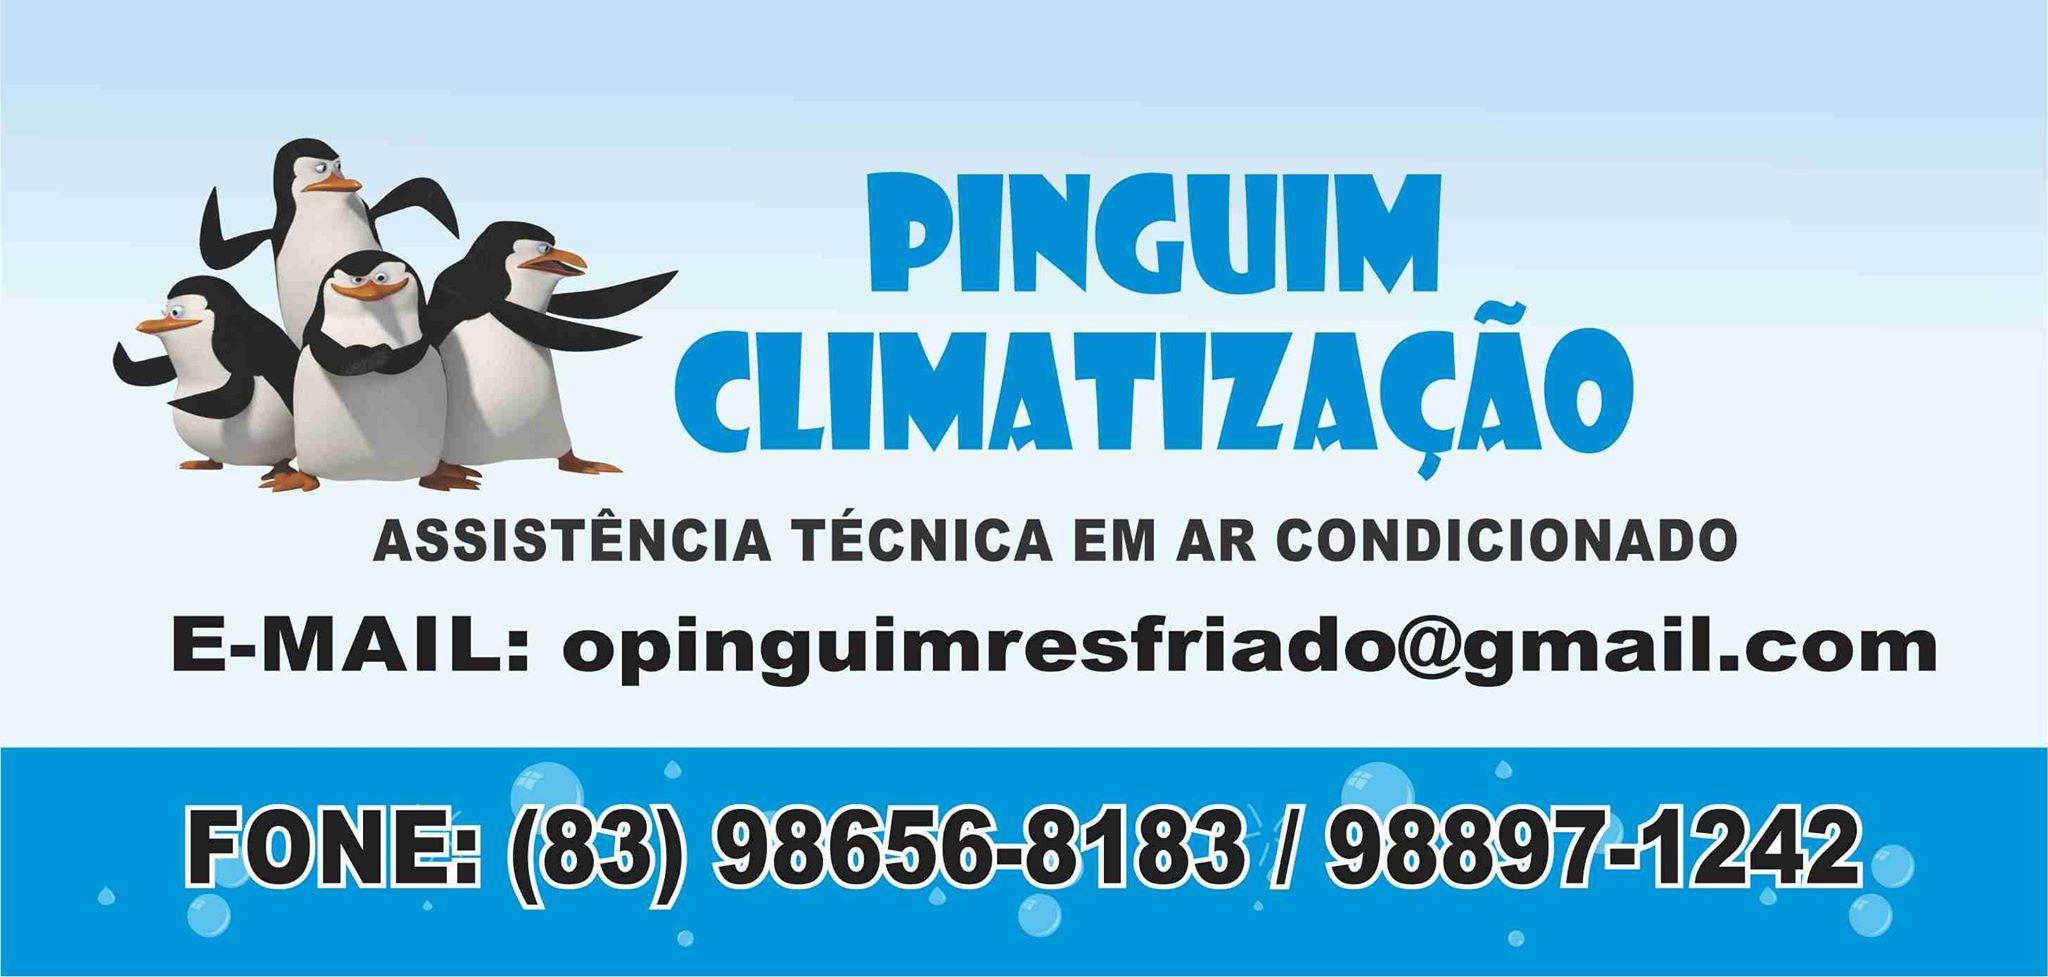 Pinguim Climatização